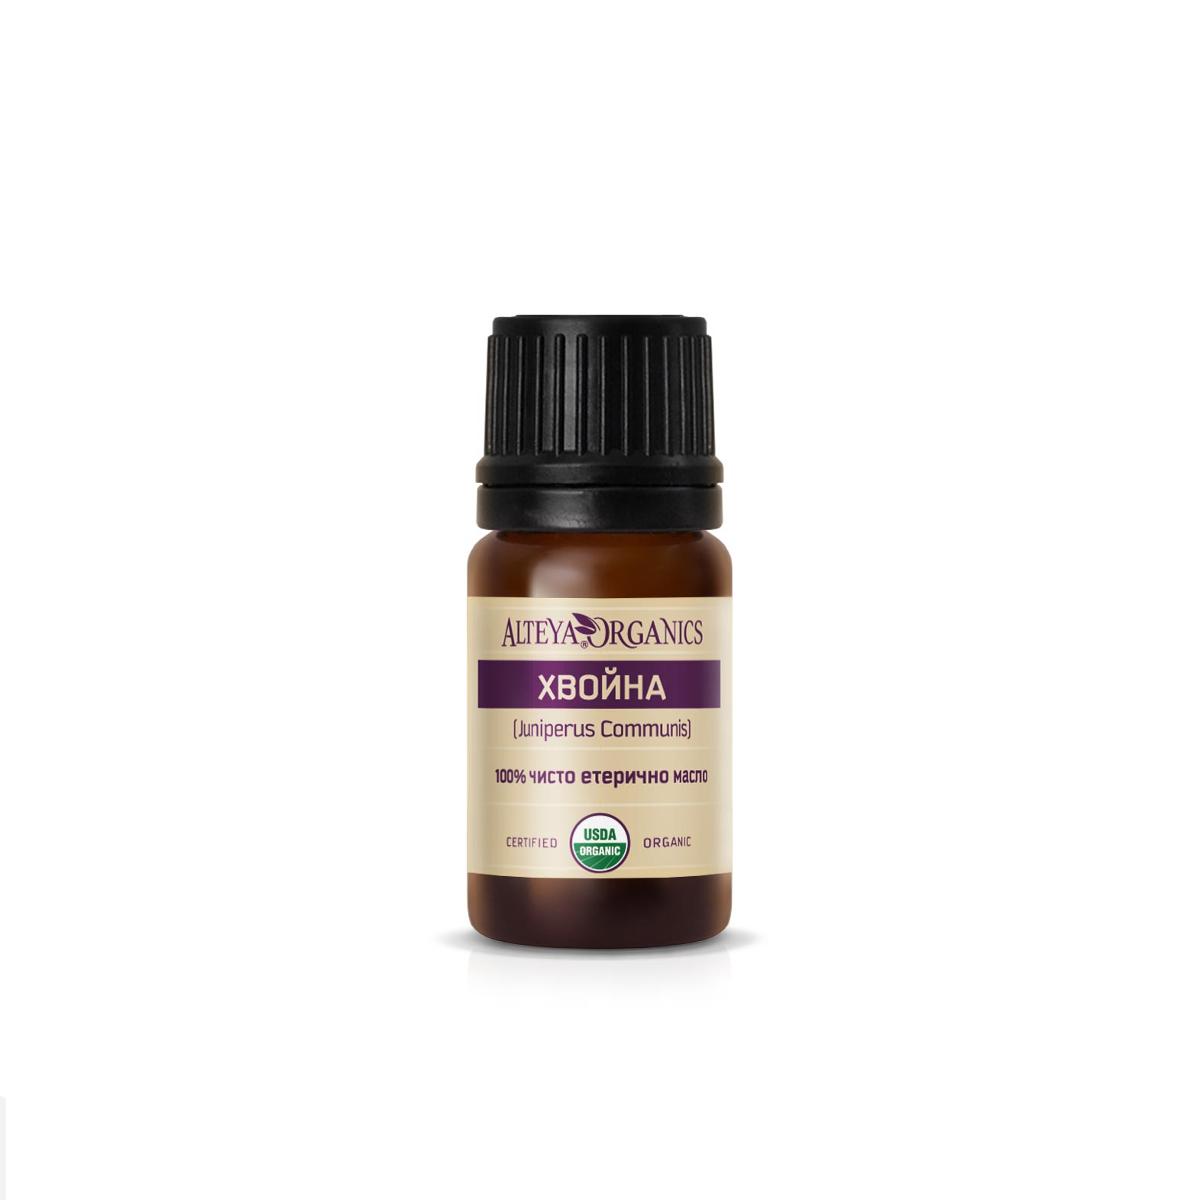 Био органично етерично масло от хвойна Alteya Organics